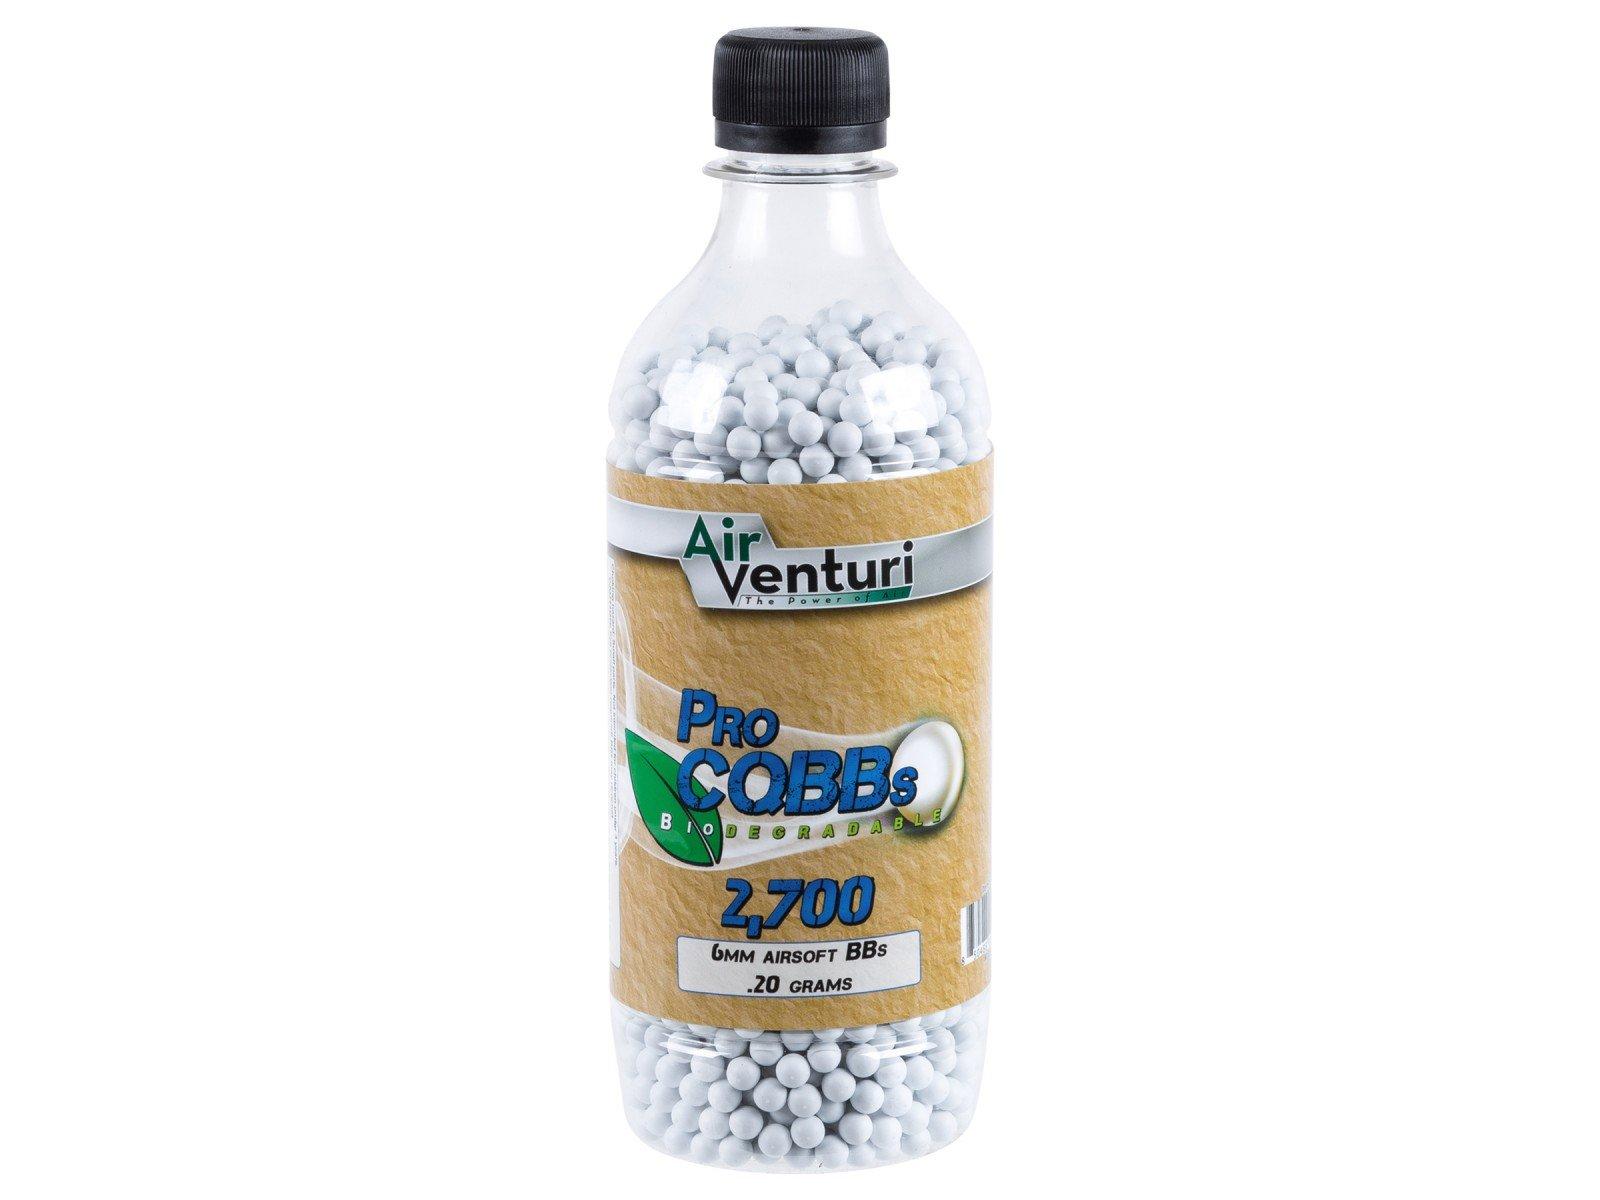 Air Venturi CQBBs 6mm biodegradable airsoft BBs, 0.20g, 2700 rds, white